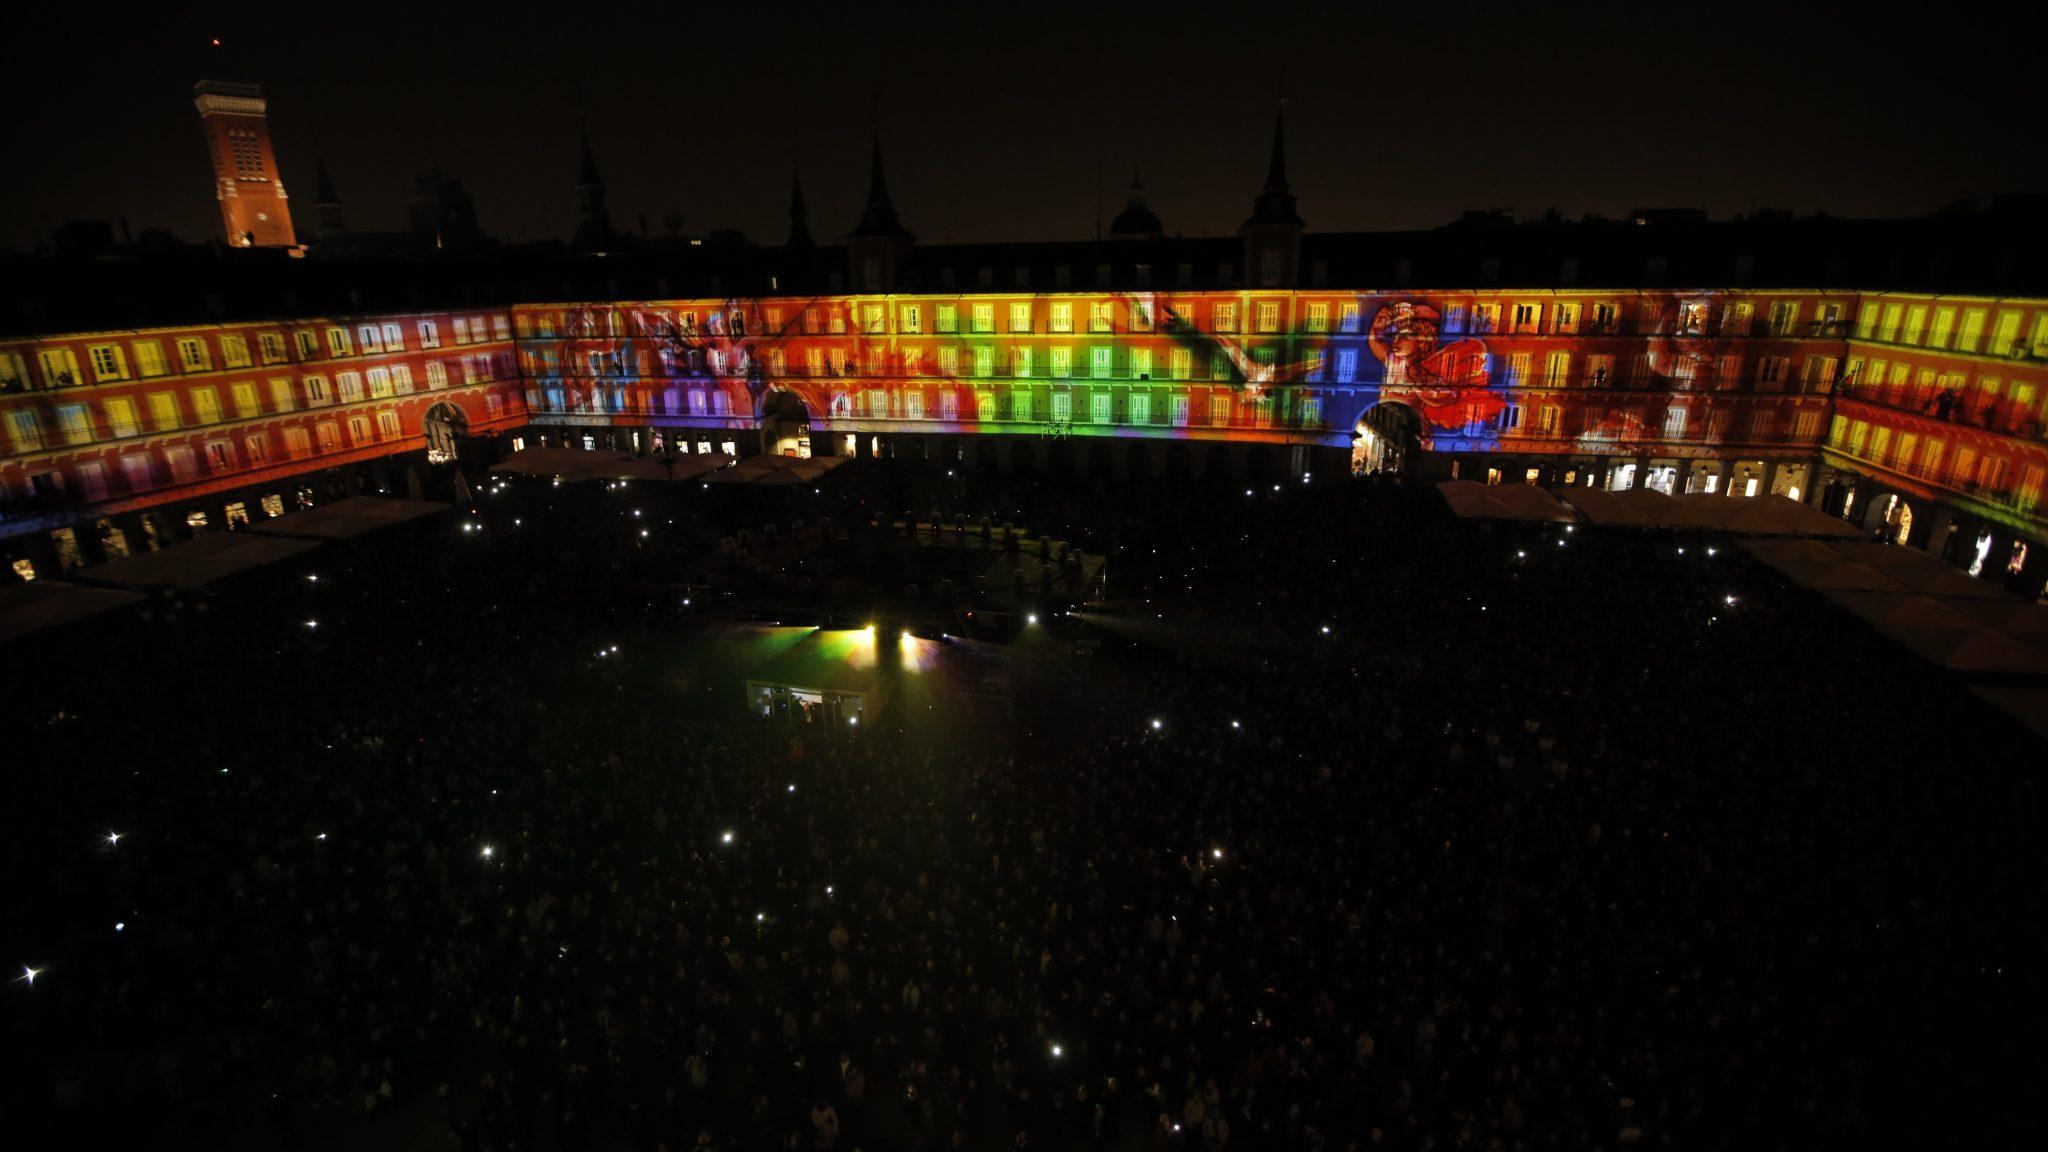 Conmemoración-Centenario-Plaza-Mayor-Madrid